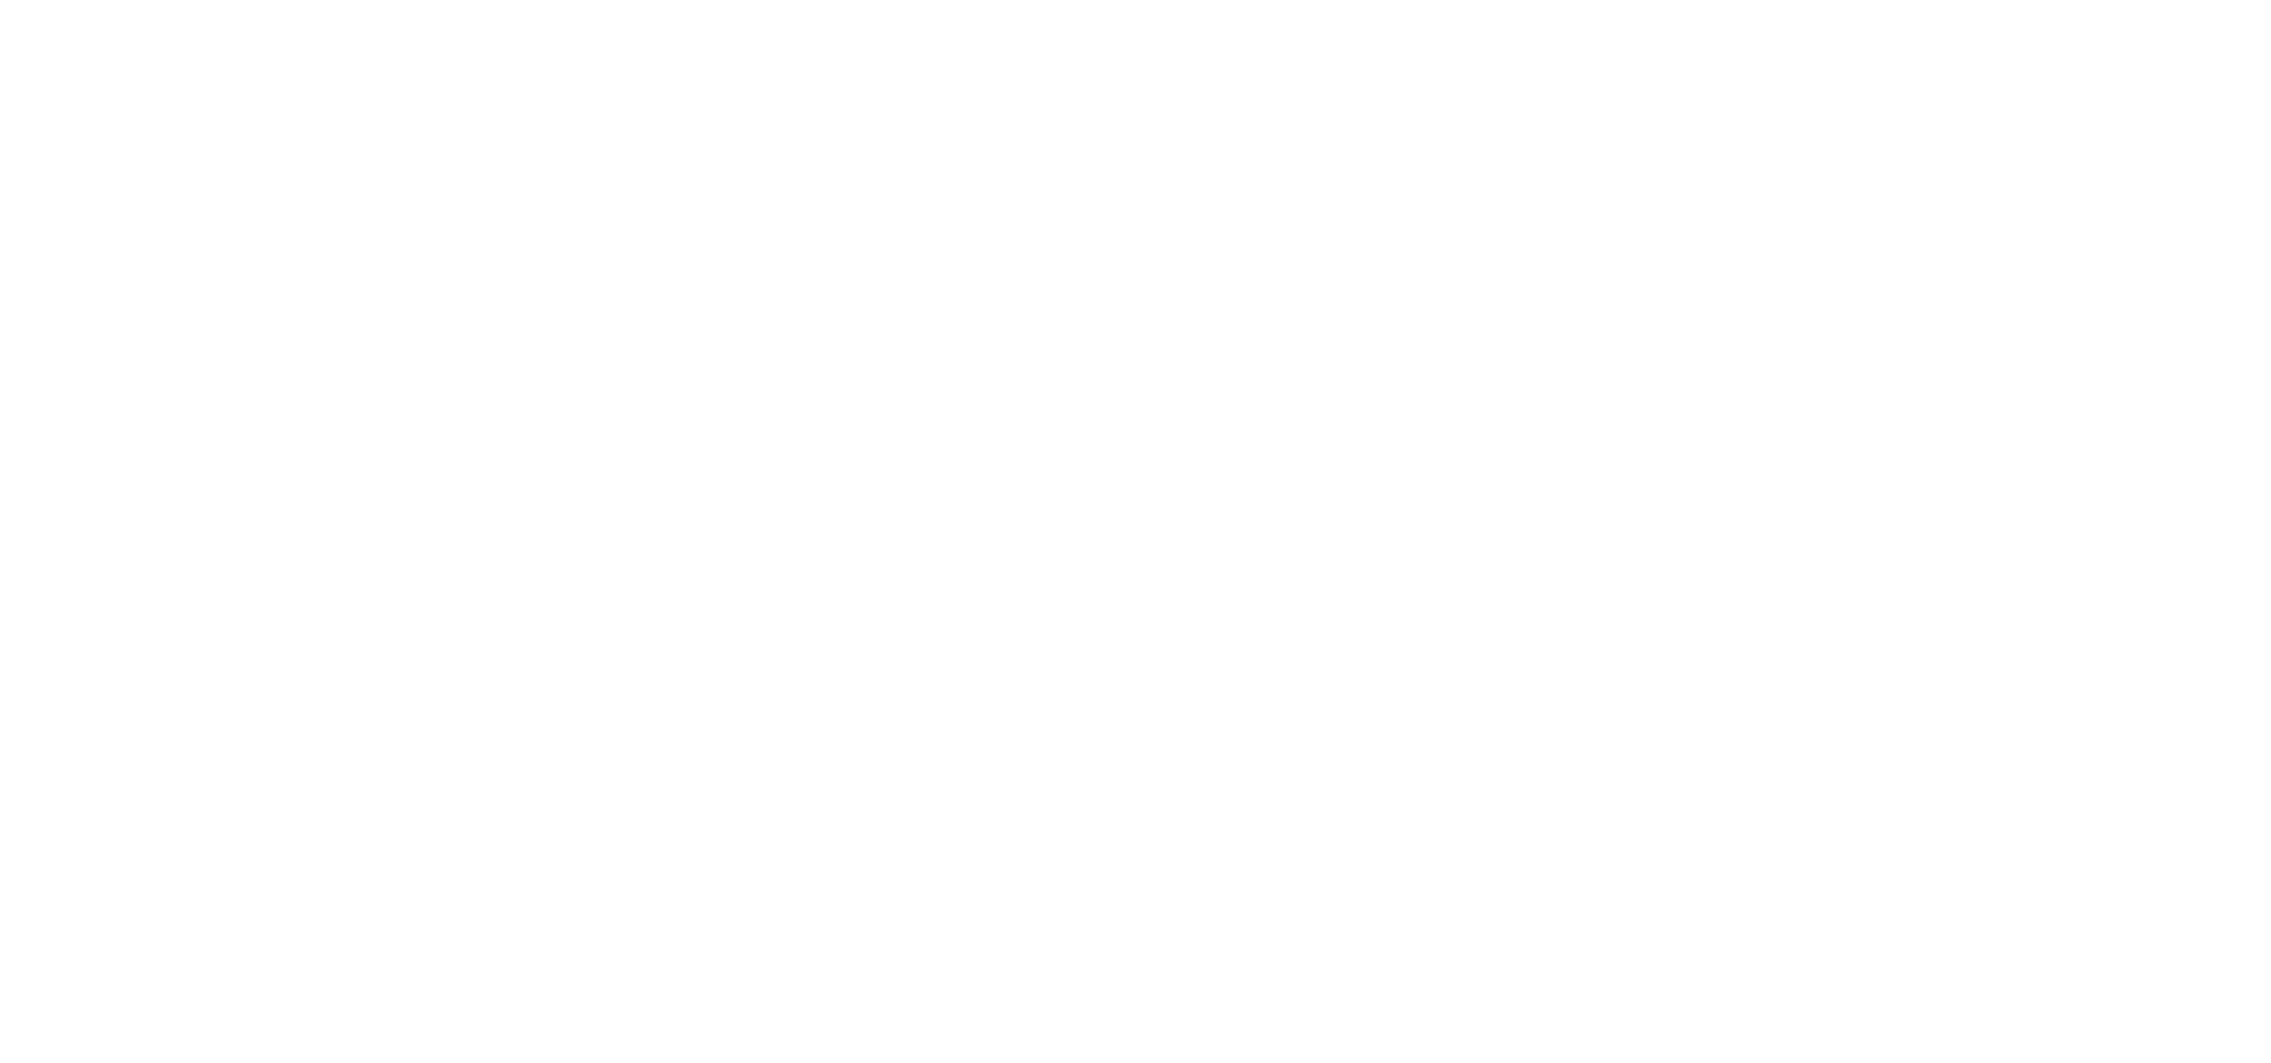 noronha350-logo04